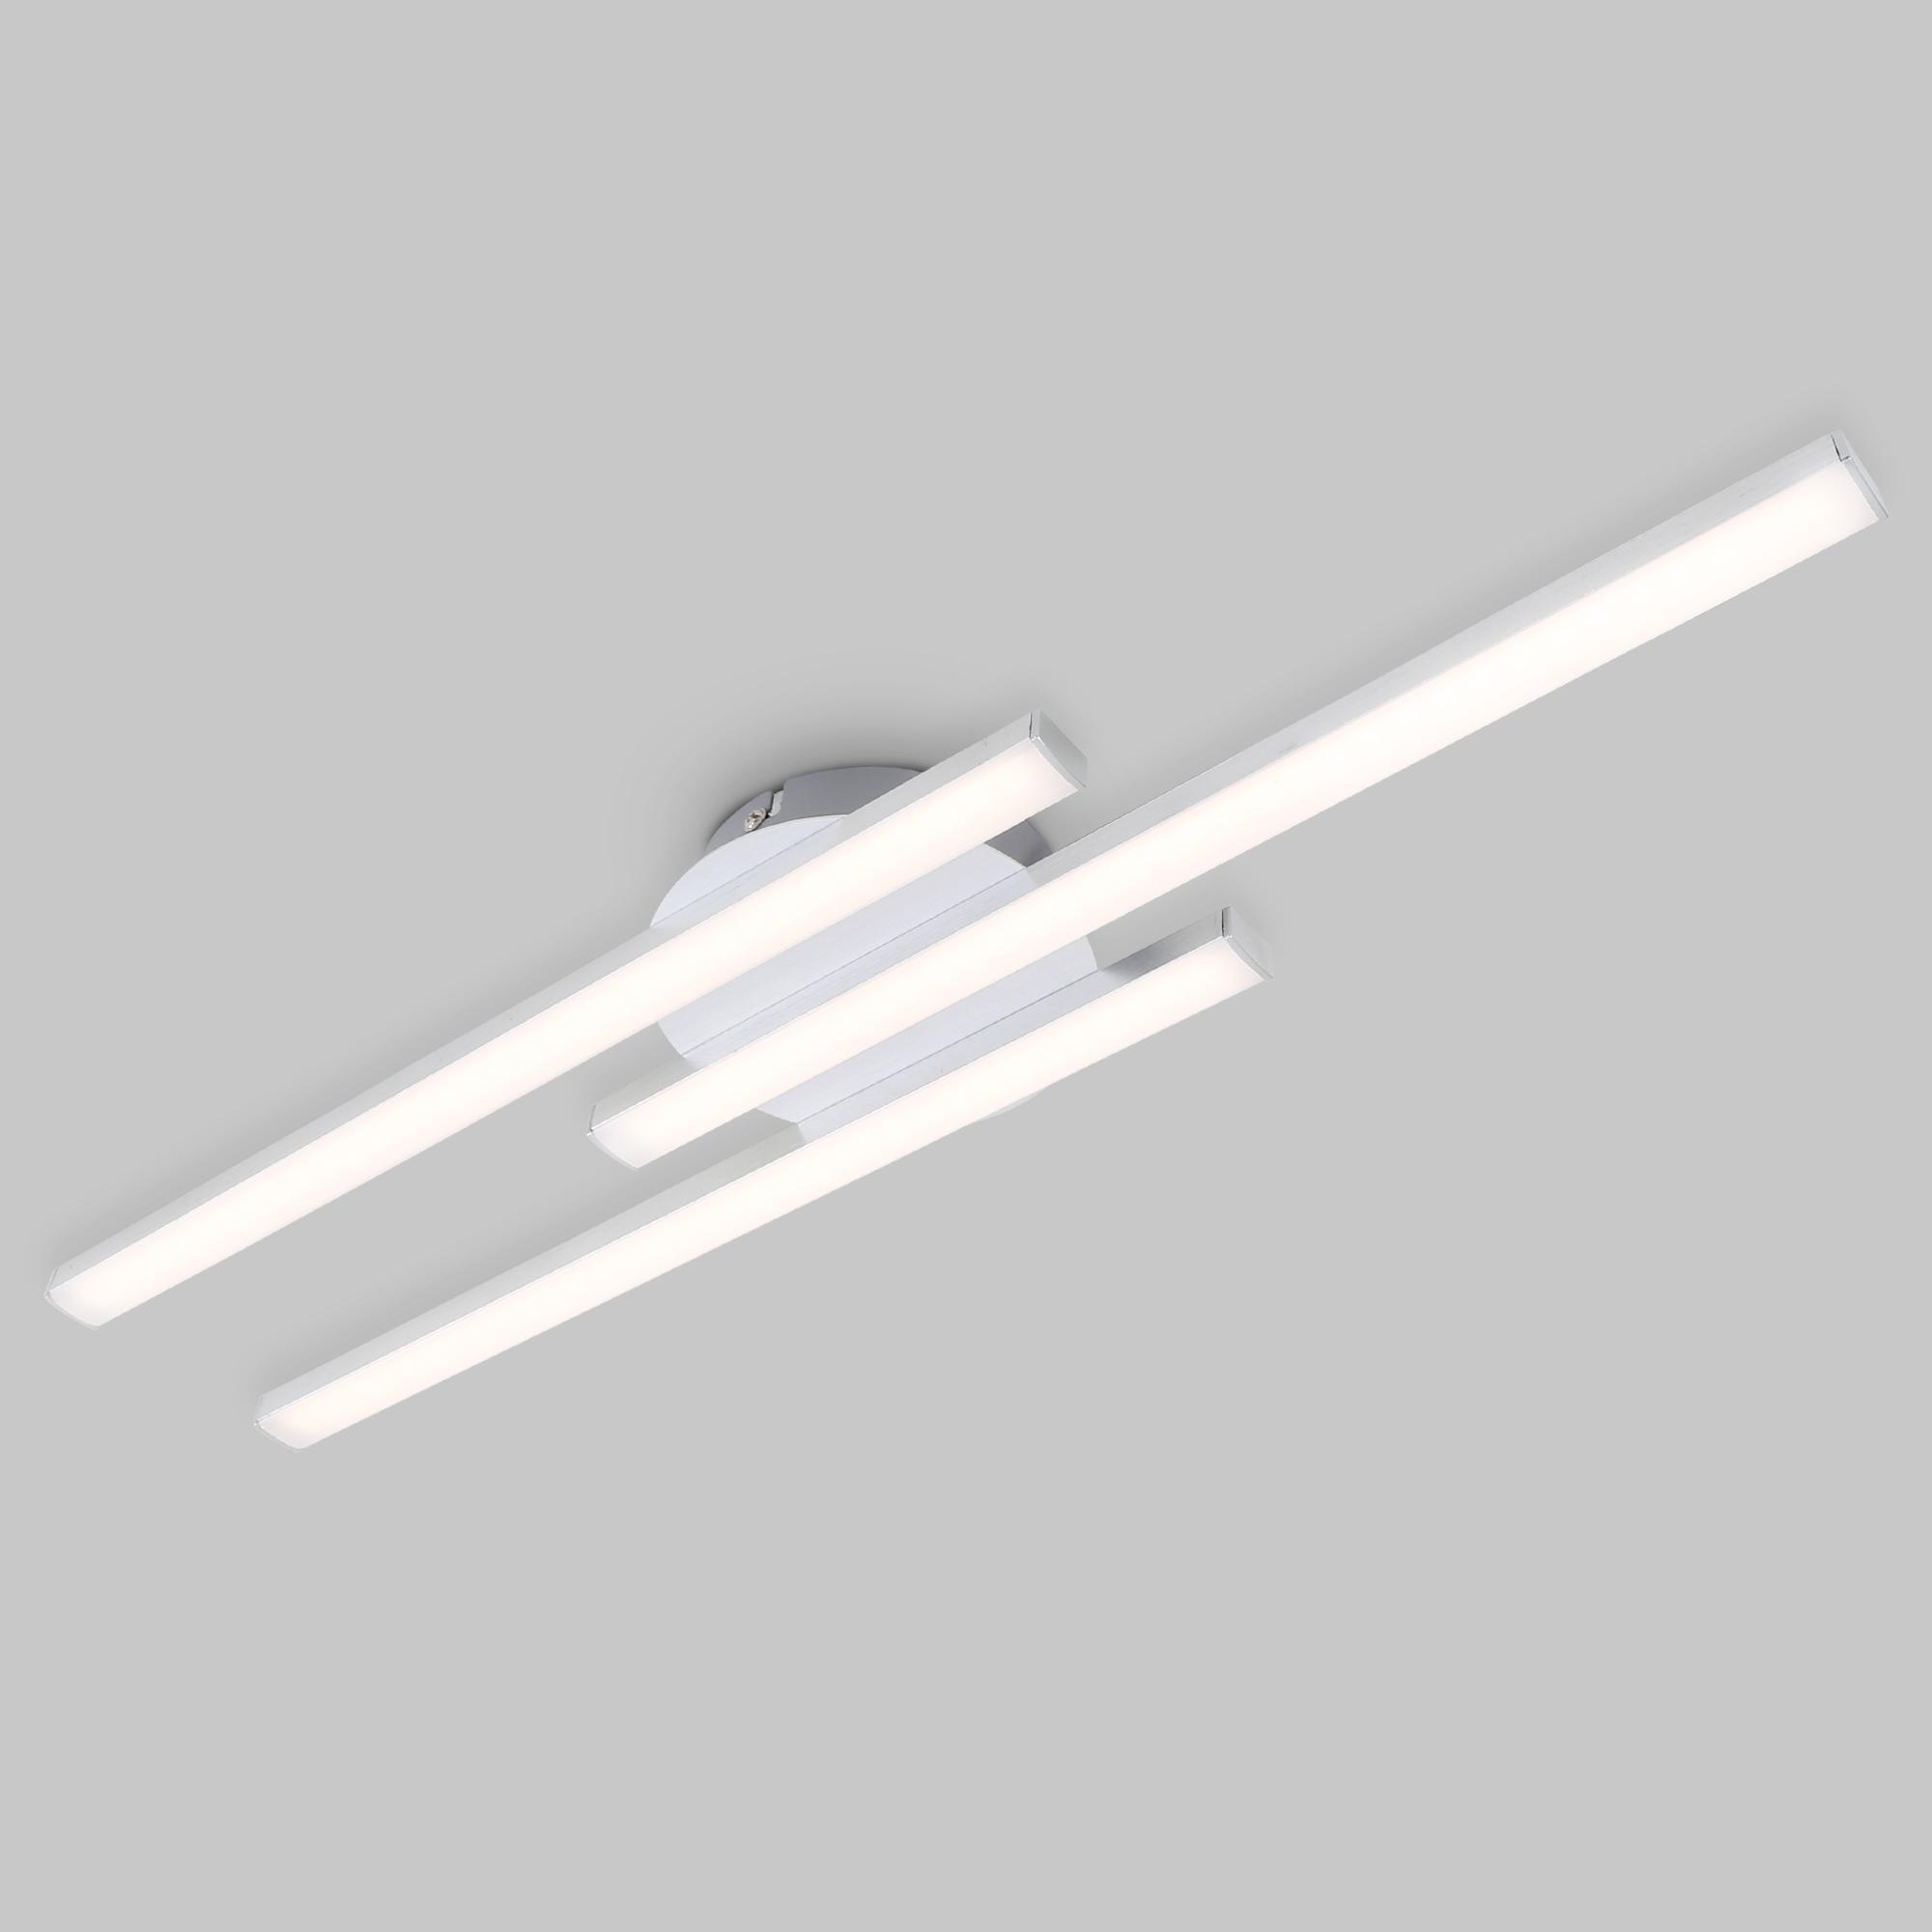 LED Wand- und Deckenleuchte, 56,5 cm, 18 W, Alu